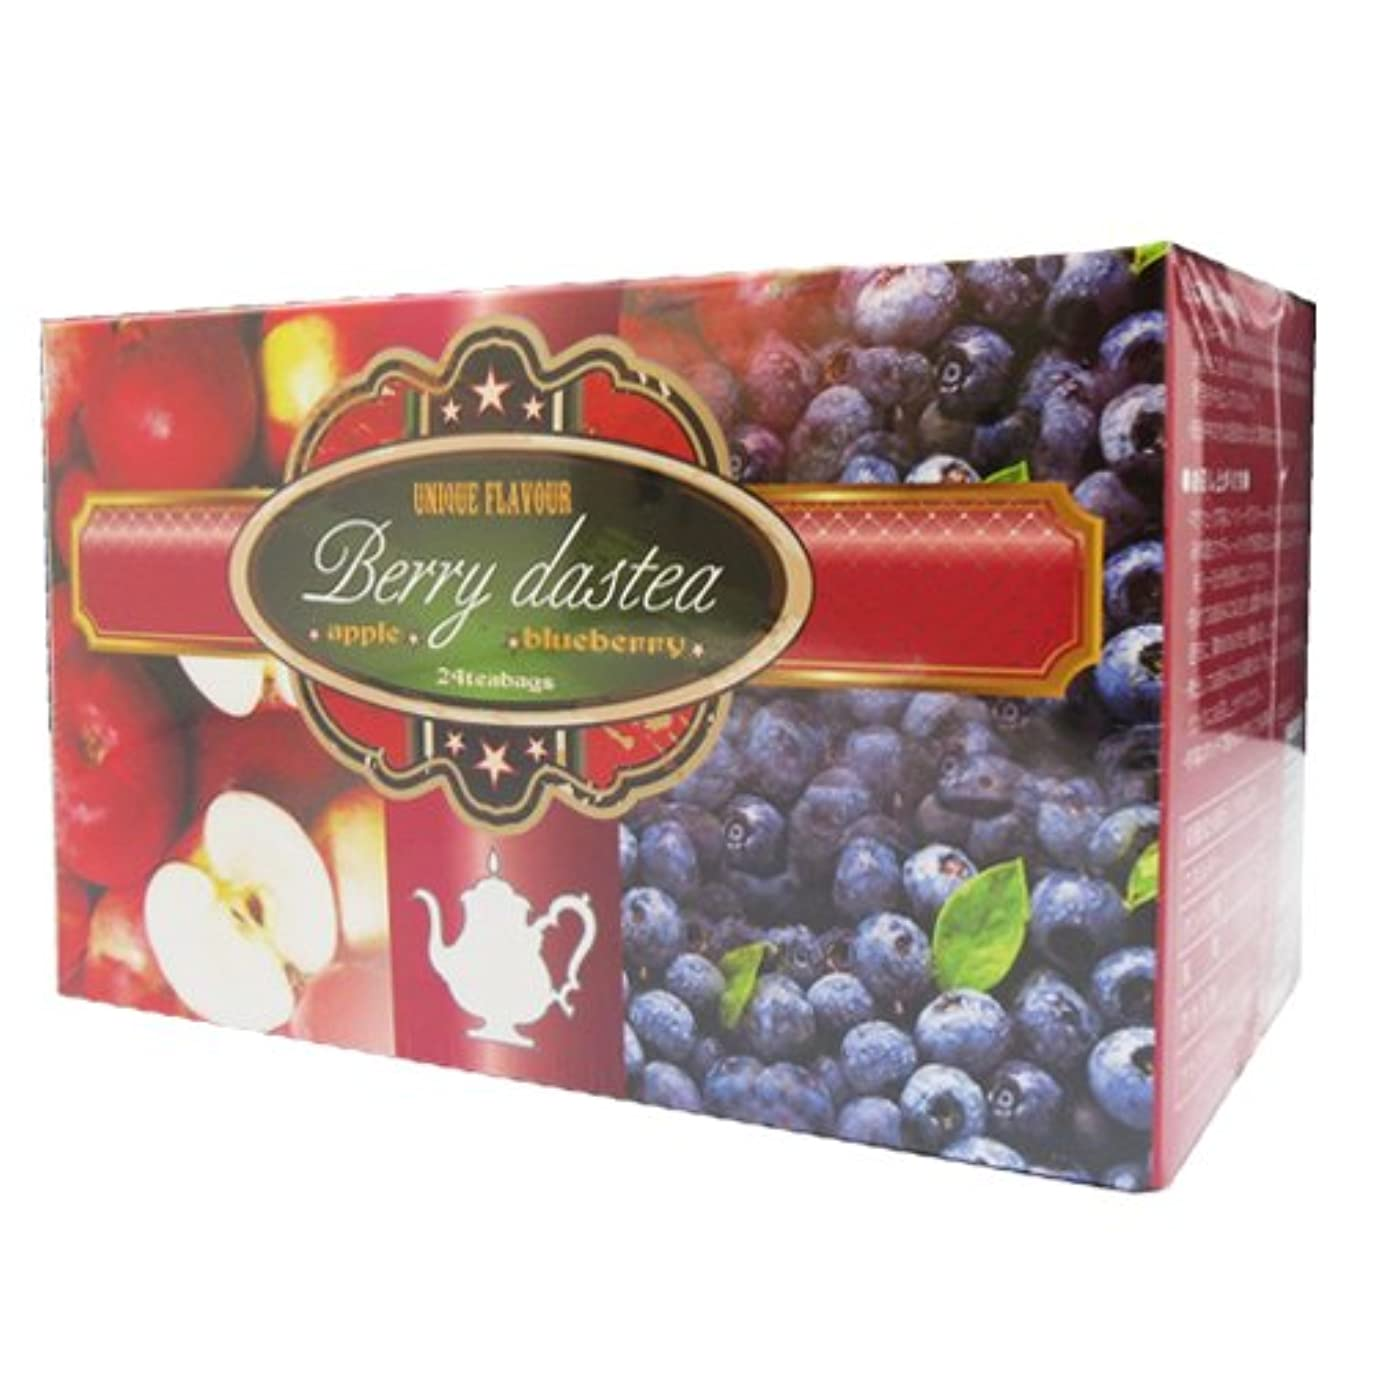 溶かす急襲周術期ケン?ネット  ベリーダスティー(Berry dastea)    24包